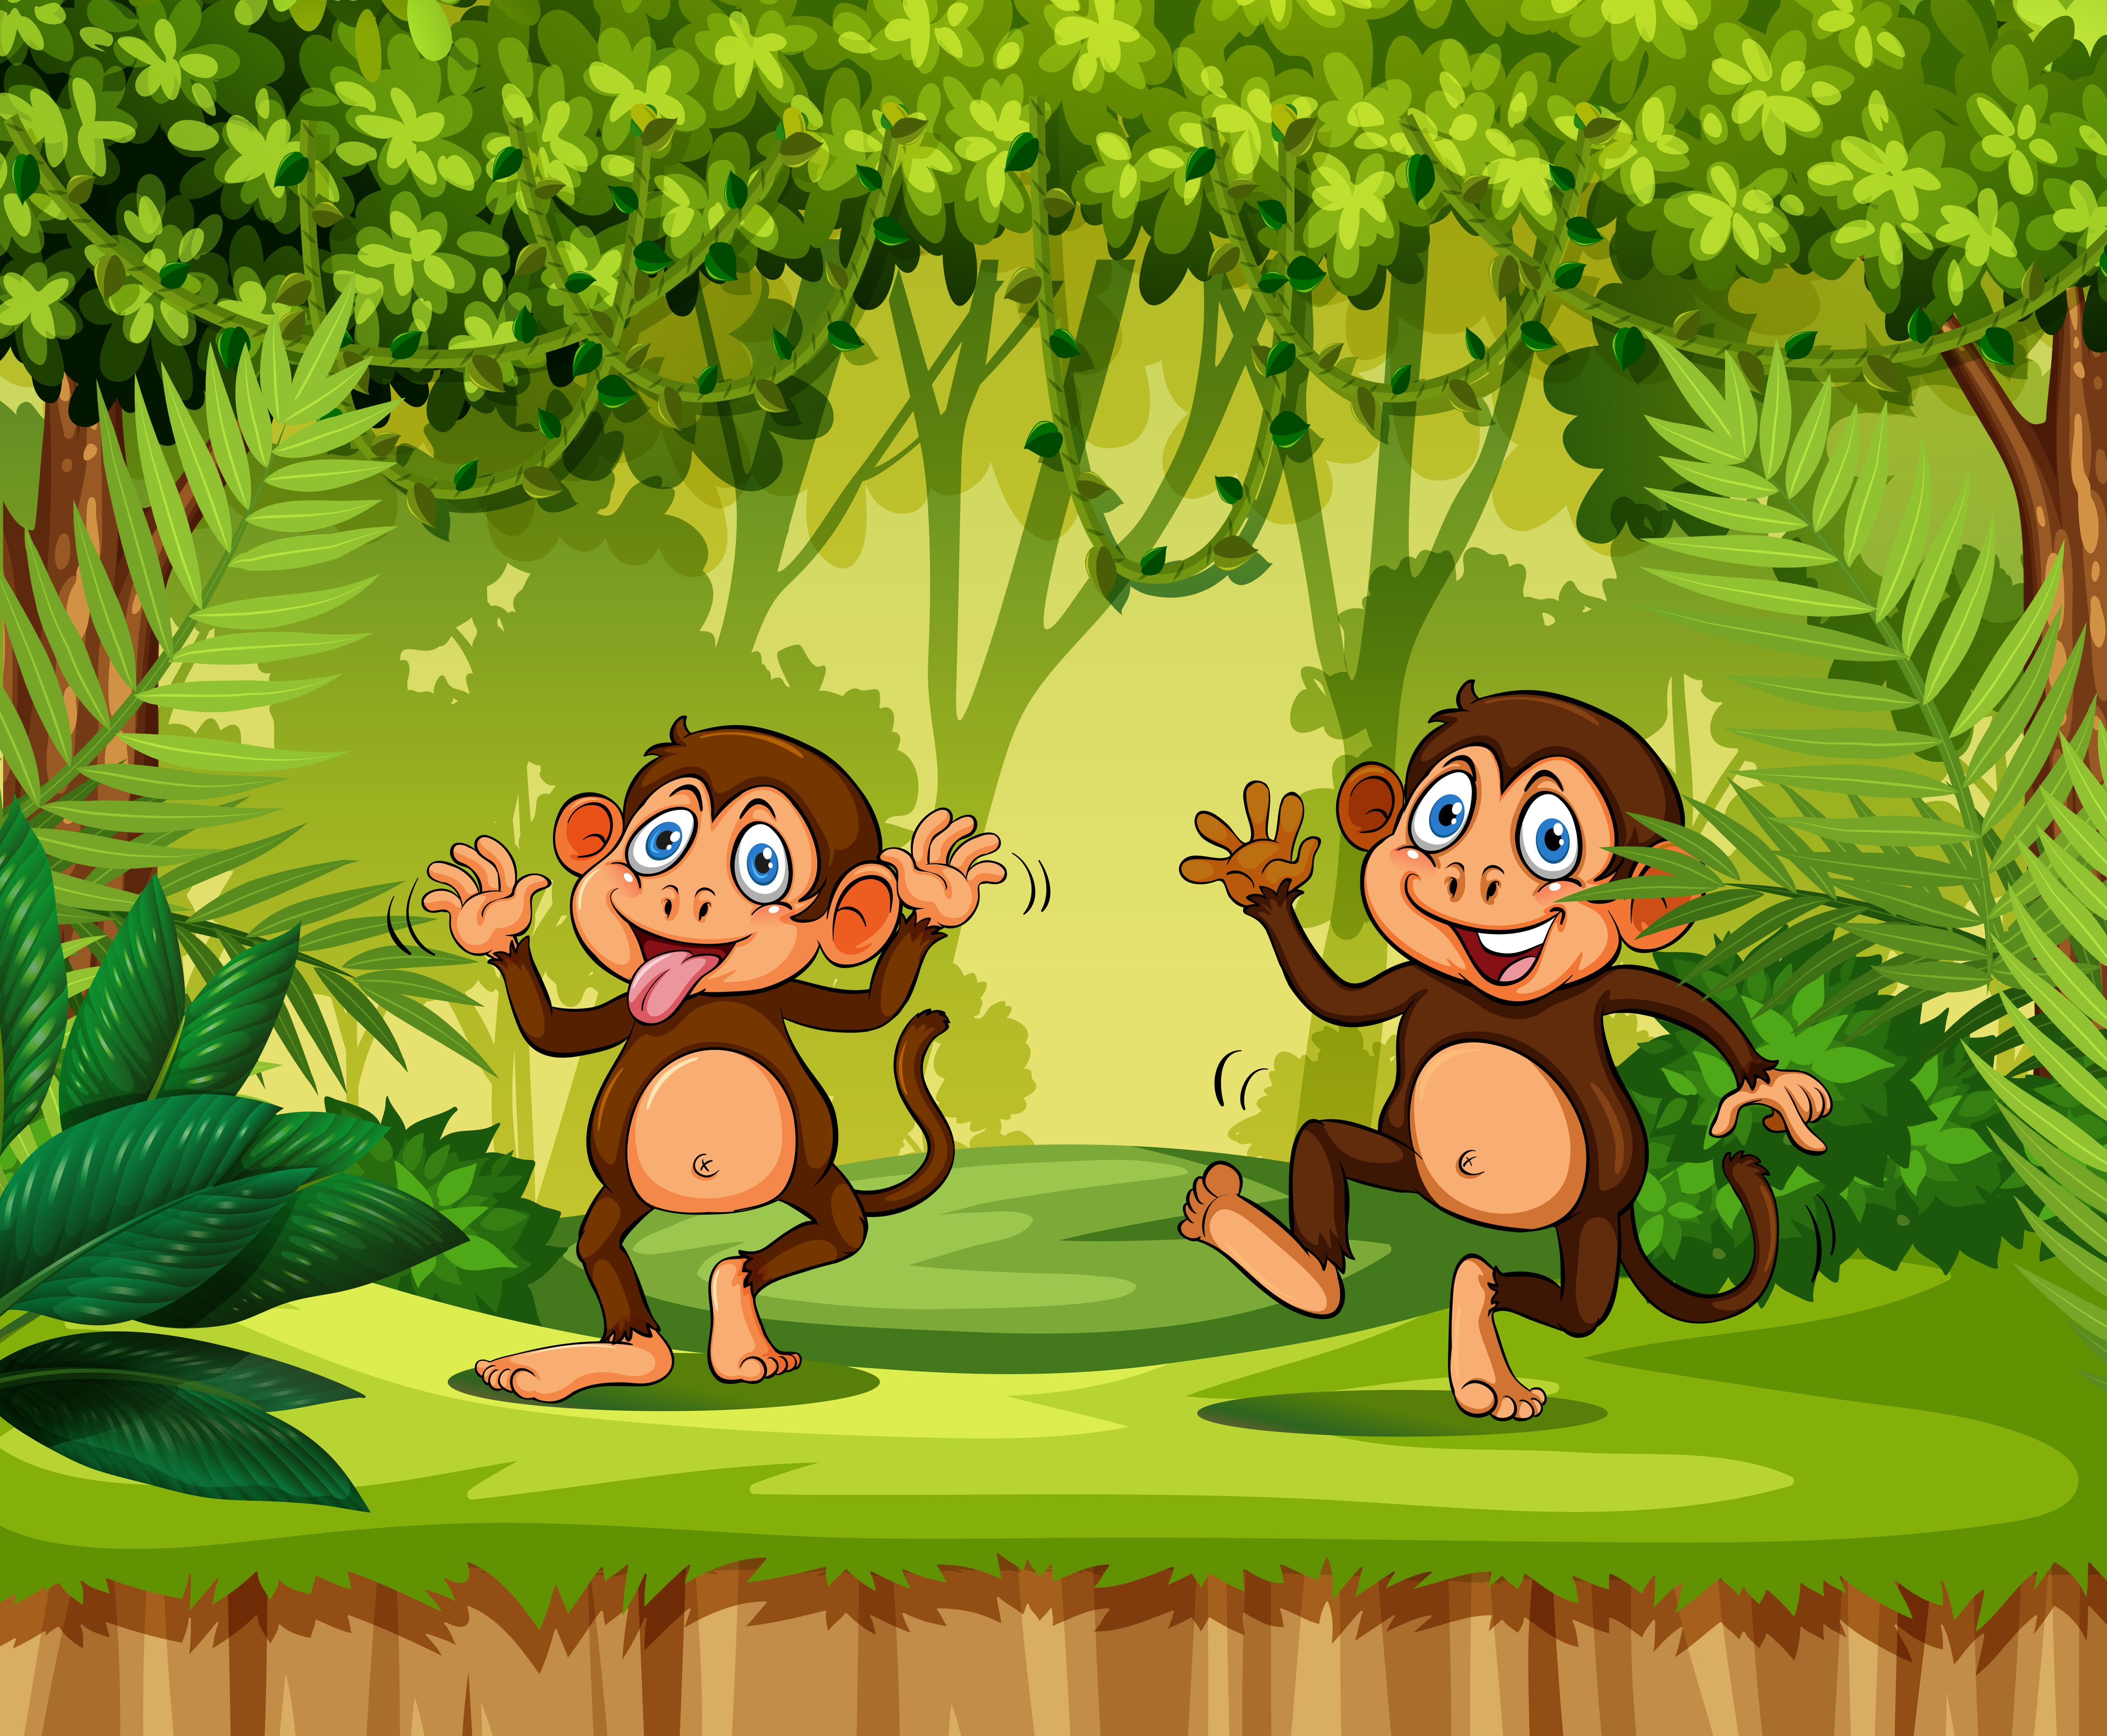 猴子卡通 免費下載   天天瘋後製